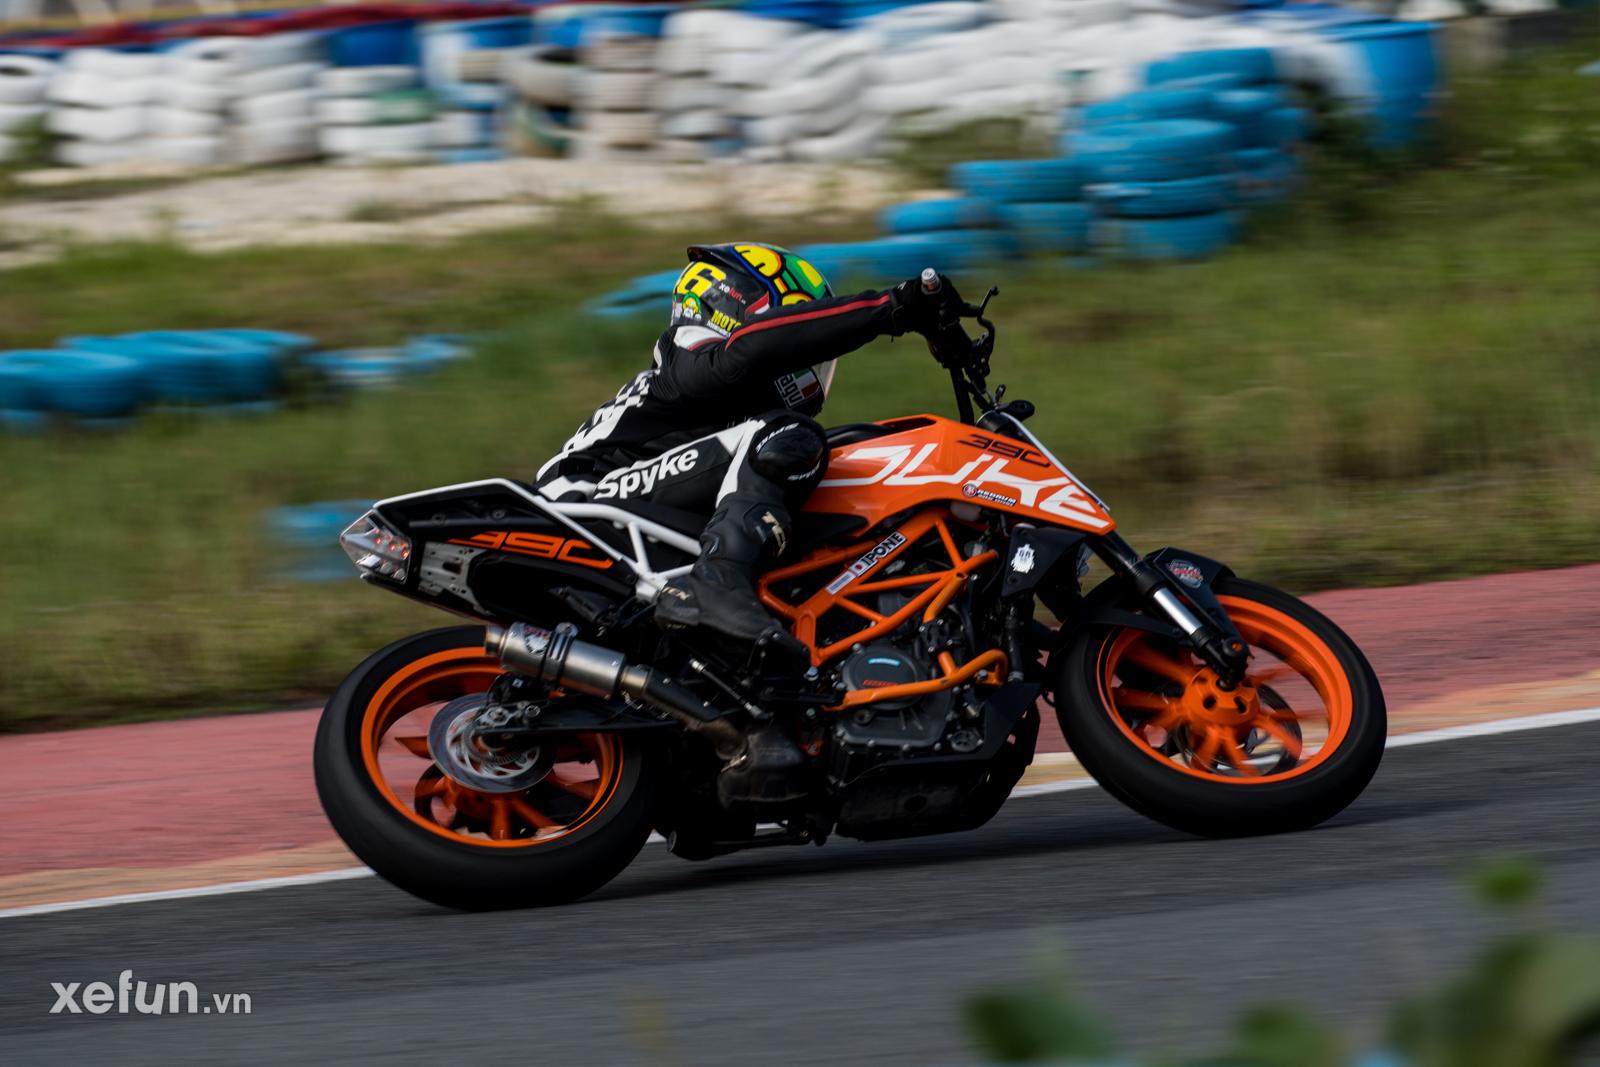 Các tay đua nài xe phân khối lớn PKL BMW S1000RR Ducati Monster Kawasaki Ninja ZX10R tại Trường đua Đại Nam trên Xefun (112)